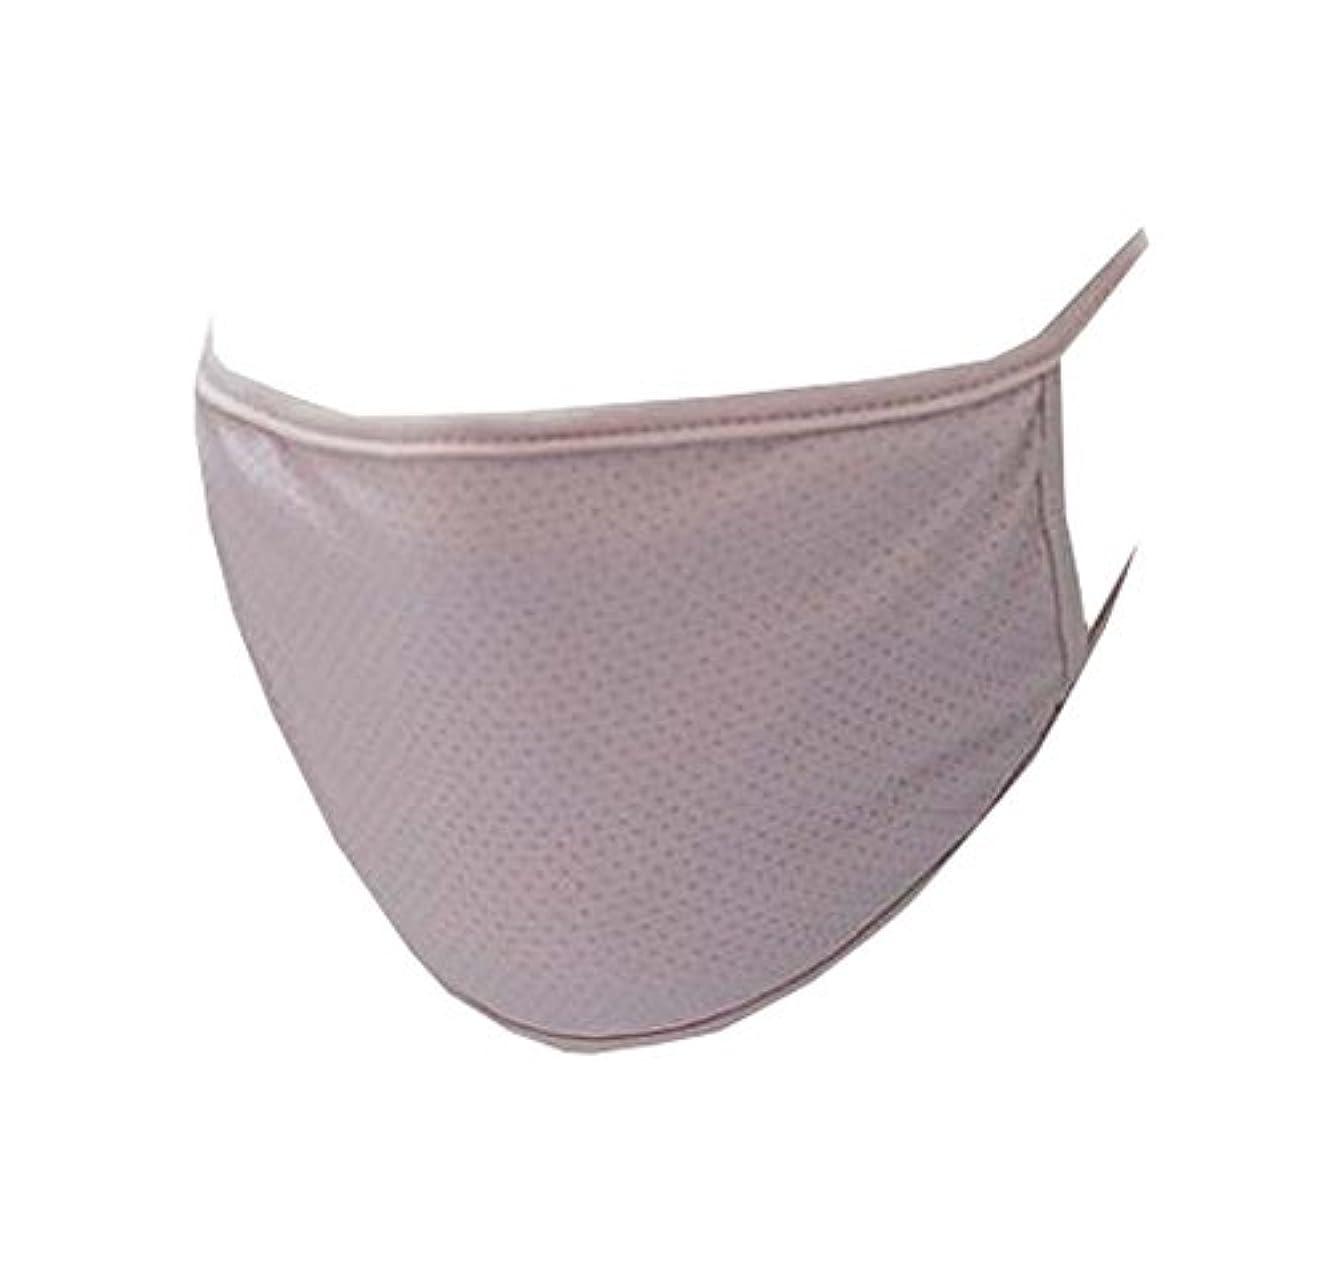 放出脱獄内なる口マスク、再使用可能フィルター - 埃、花粉、アレルゲン、抗UV、およびインフルエンザ菌 - F